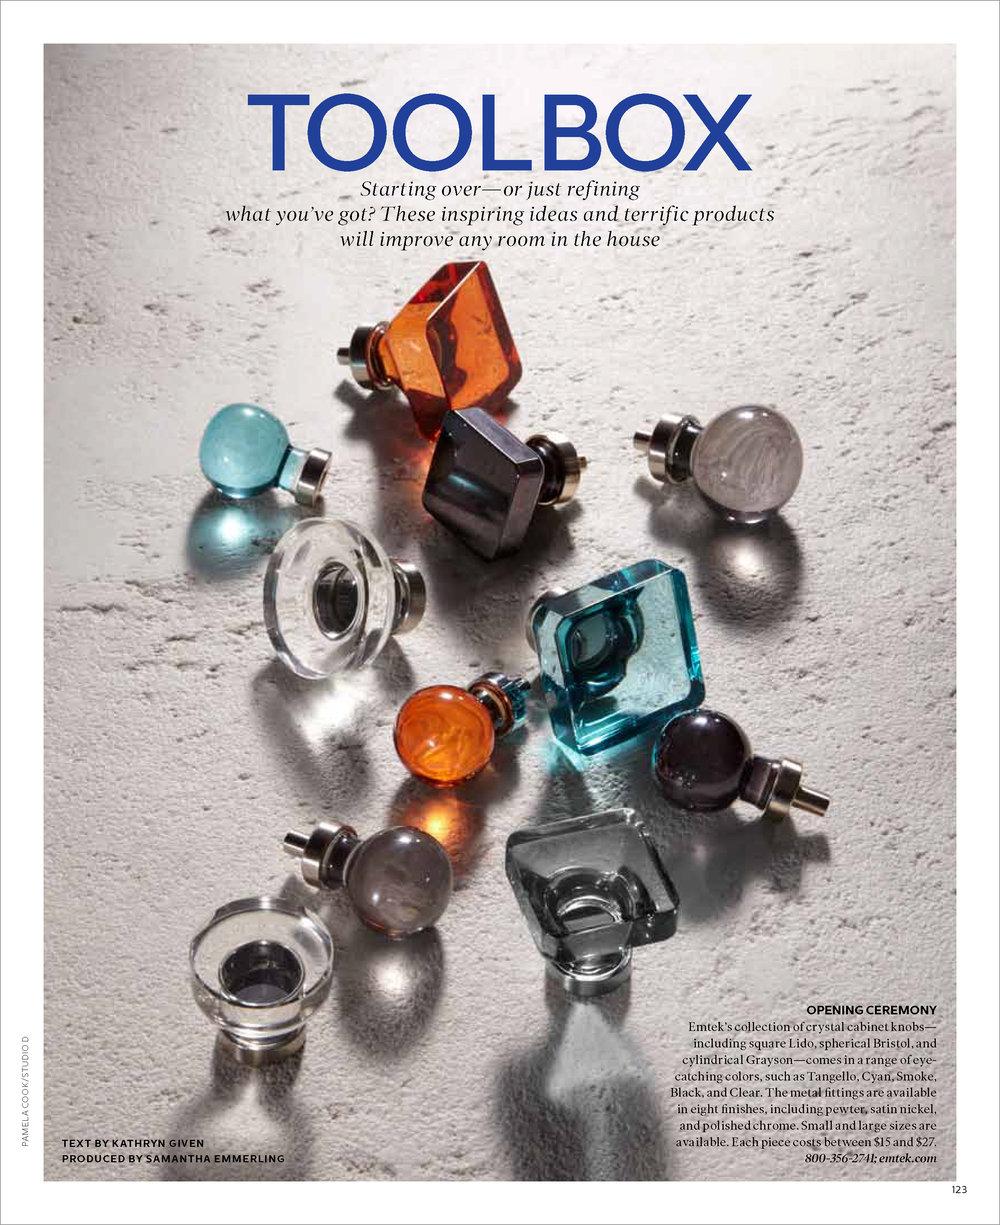 edc0515 toolbox-lo-1.jpg